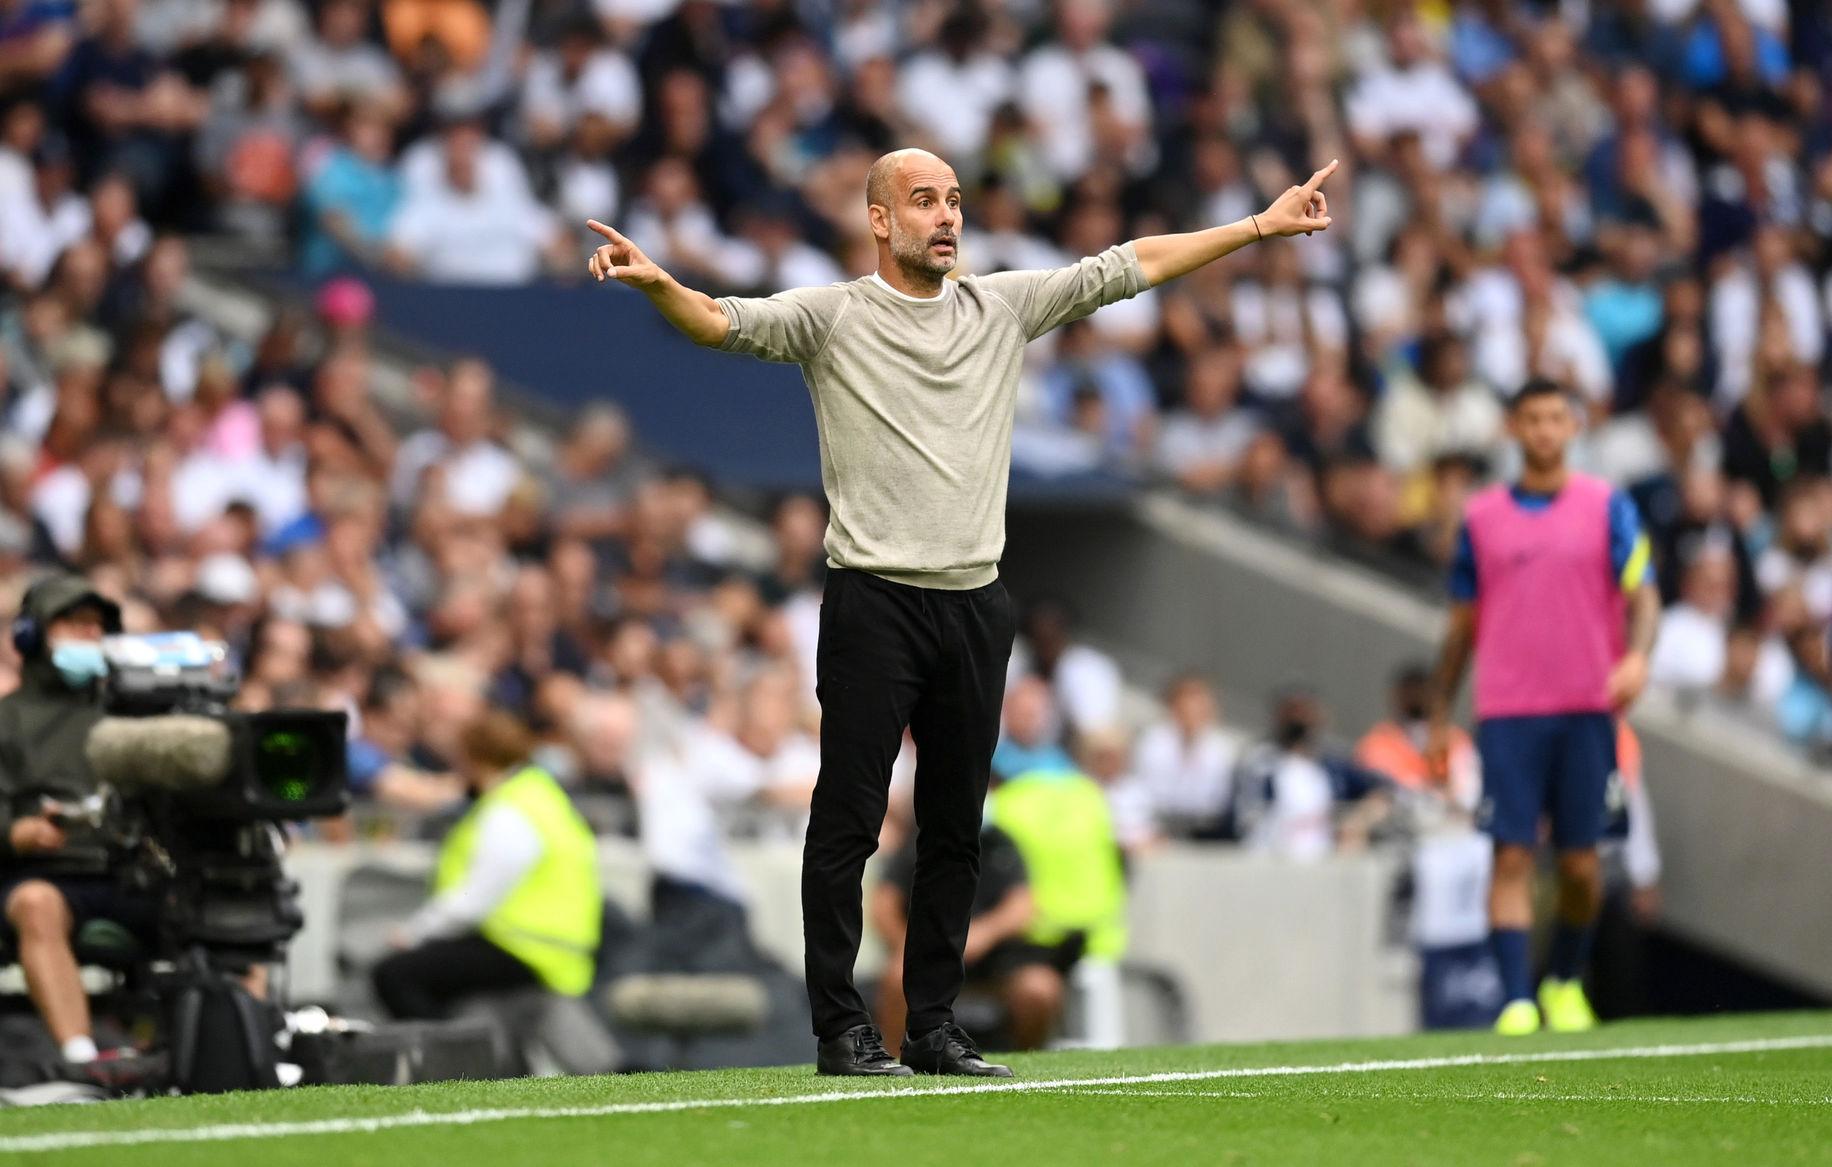 Тоттенхэм - Манчестер Сити 1:0. Игра без форвардов – бессмысленна - изображение 2